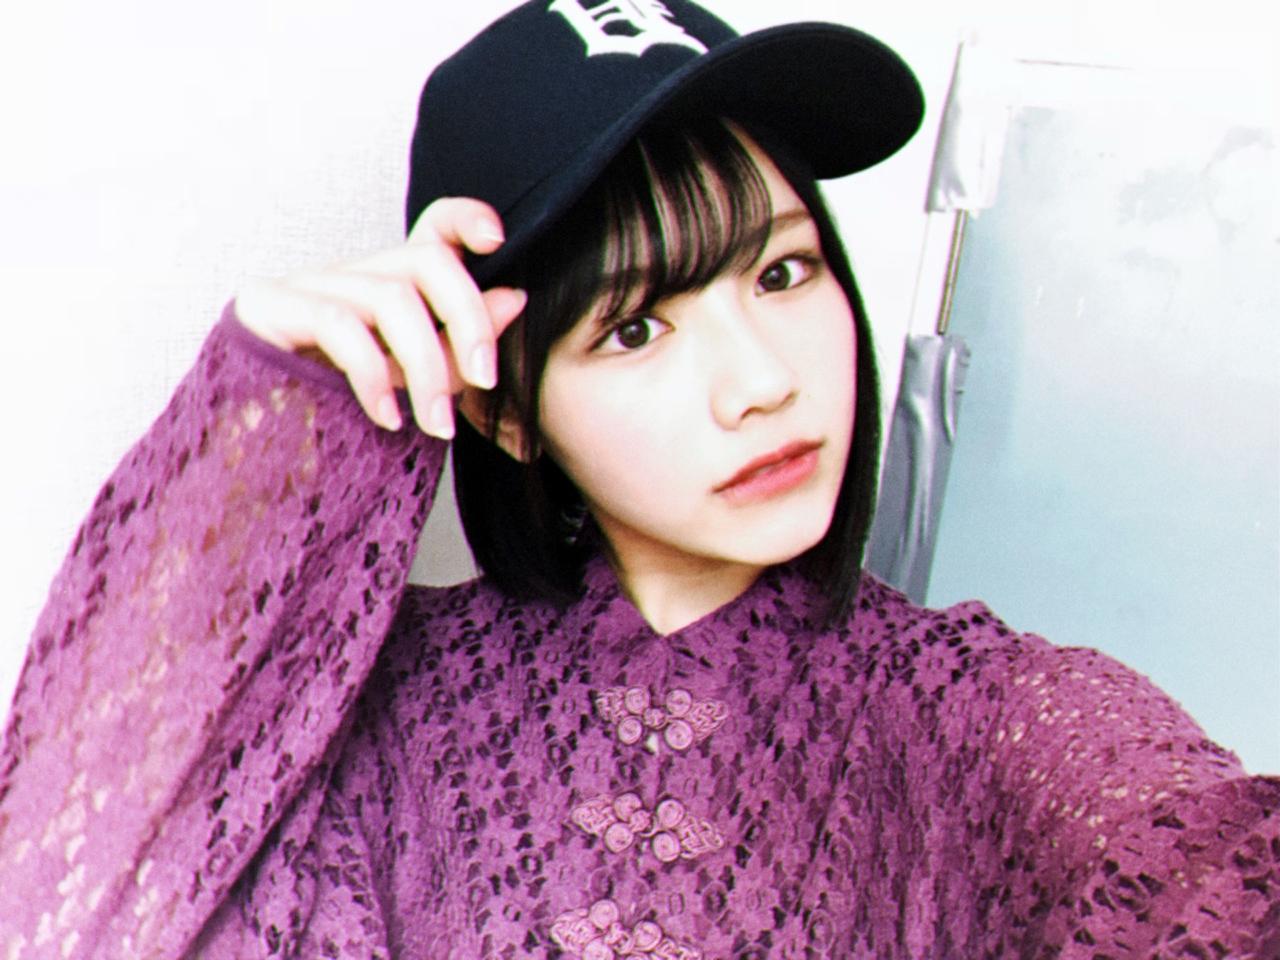 日向坂46メンバーブログまとめ2019年3月16日